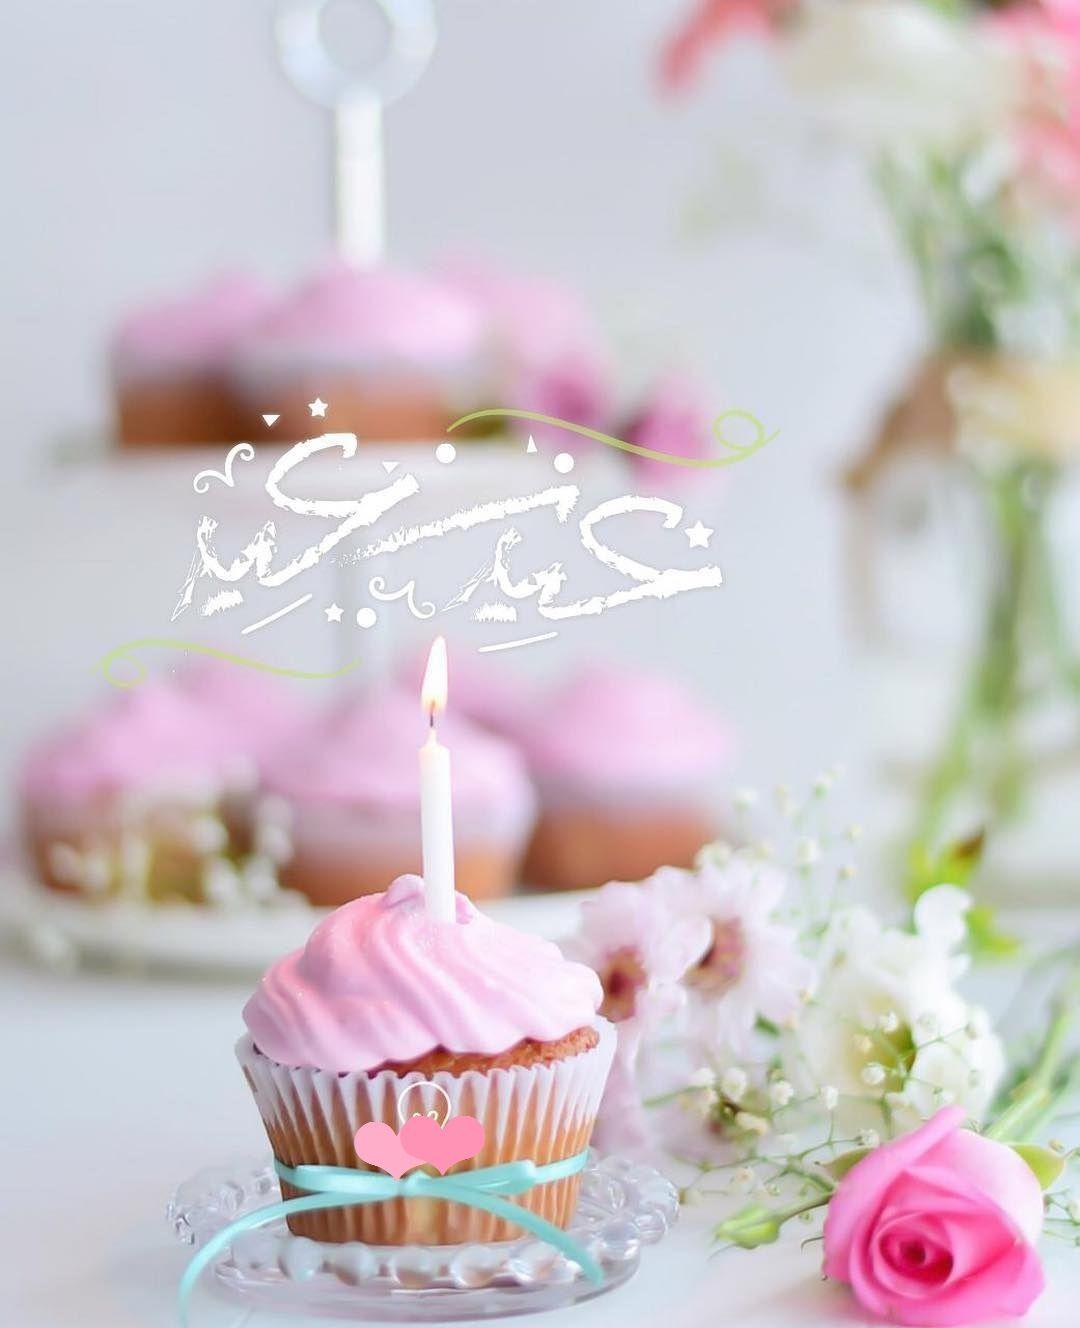 Pin By رغــــــد On عـيـد سعـيــد Happy Eid Birthday Candles Holi